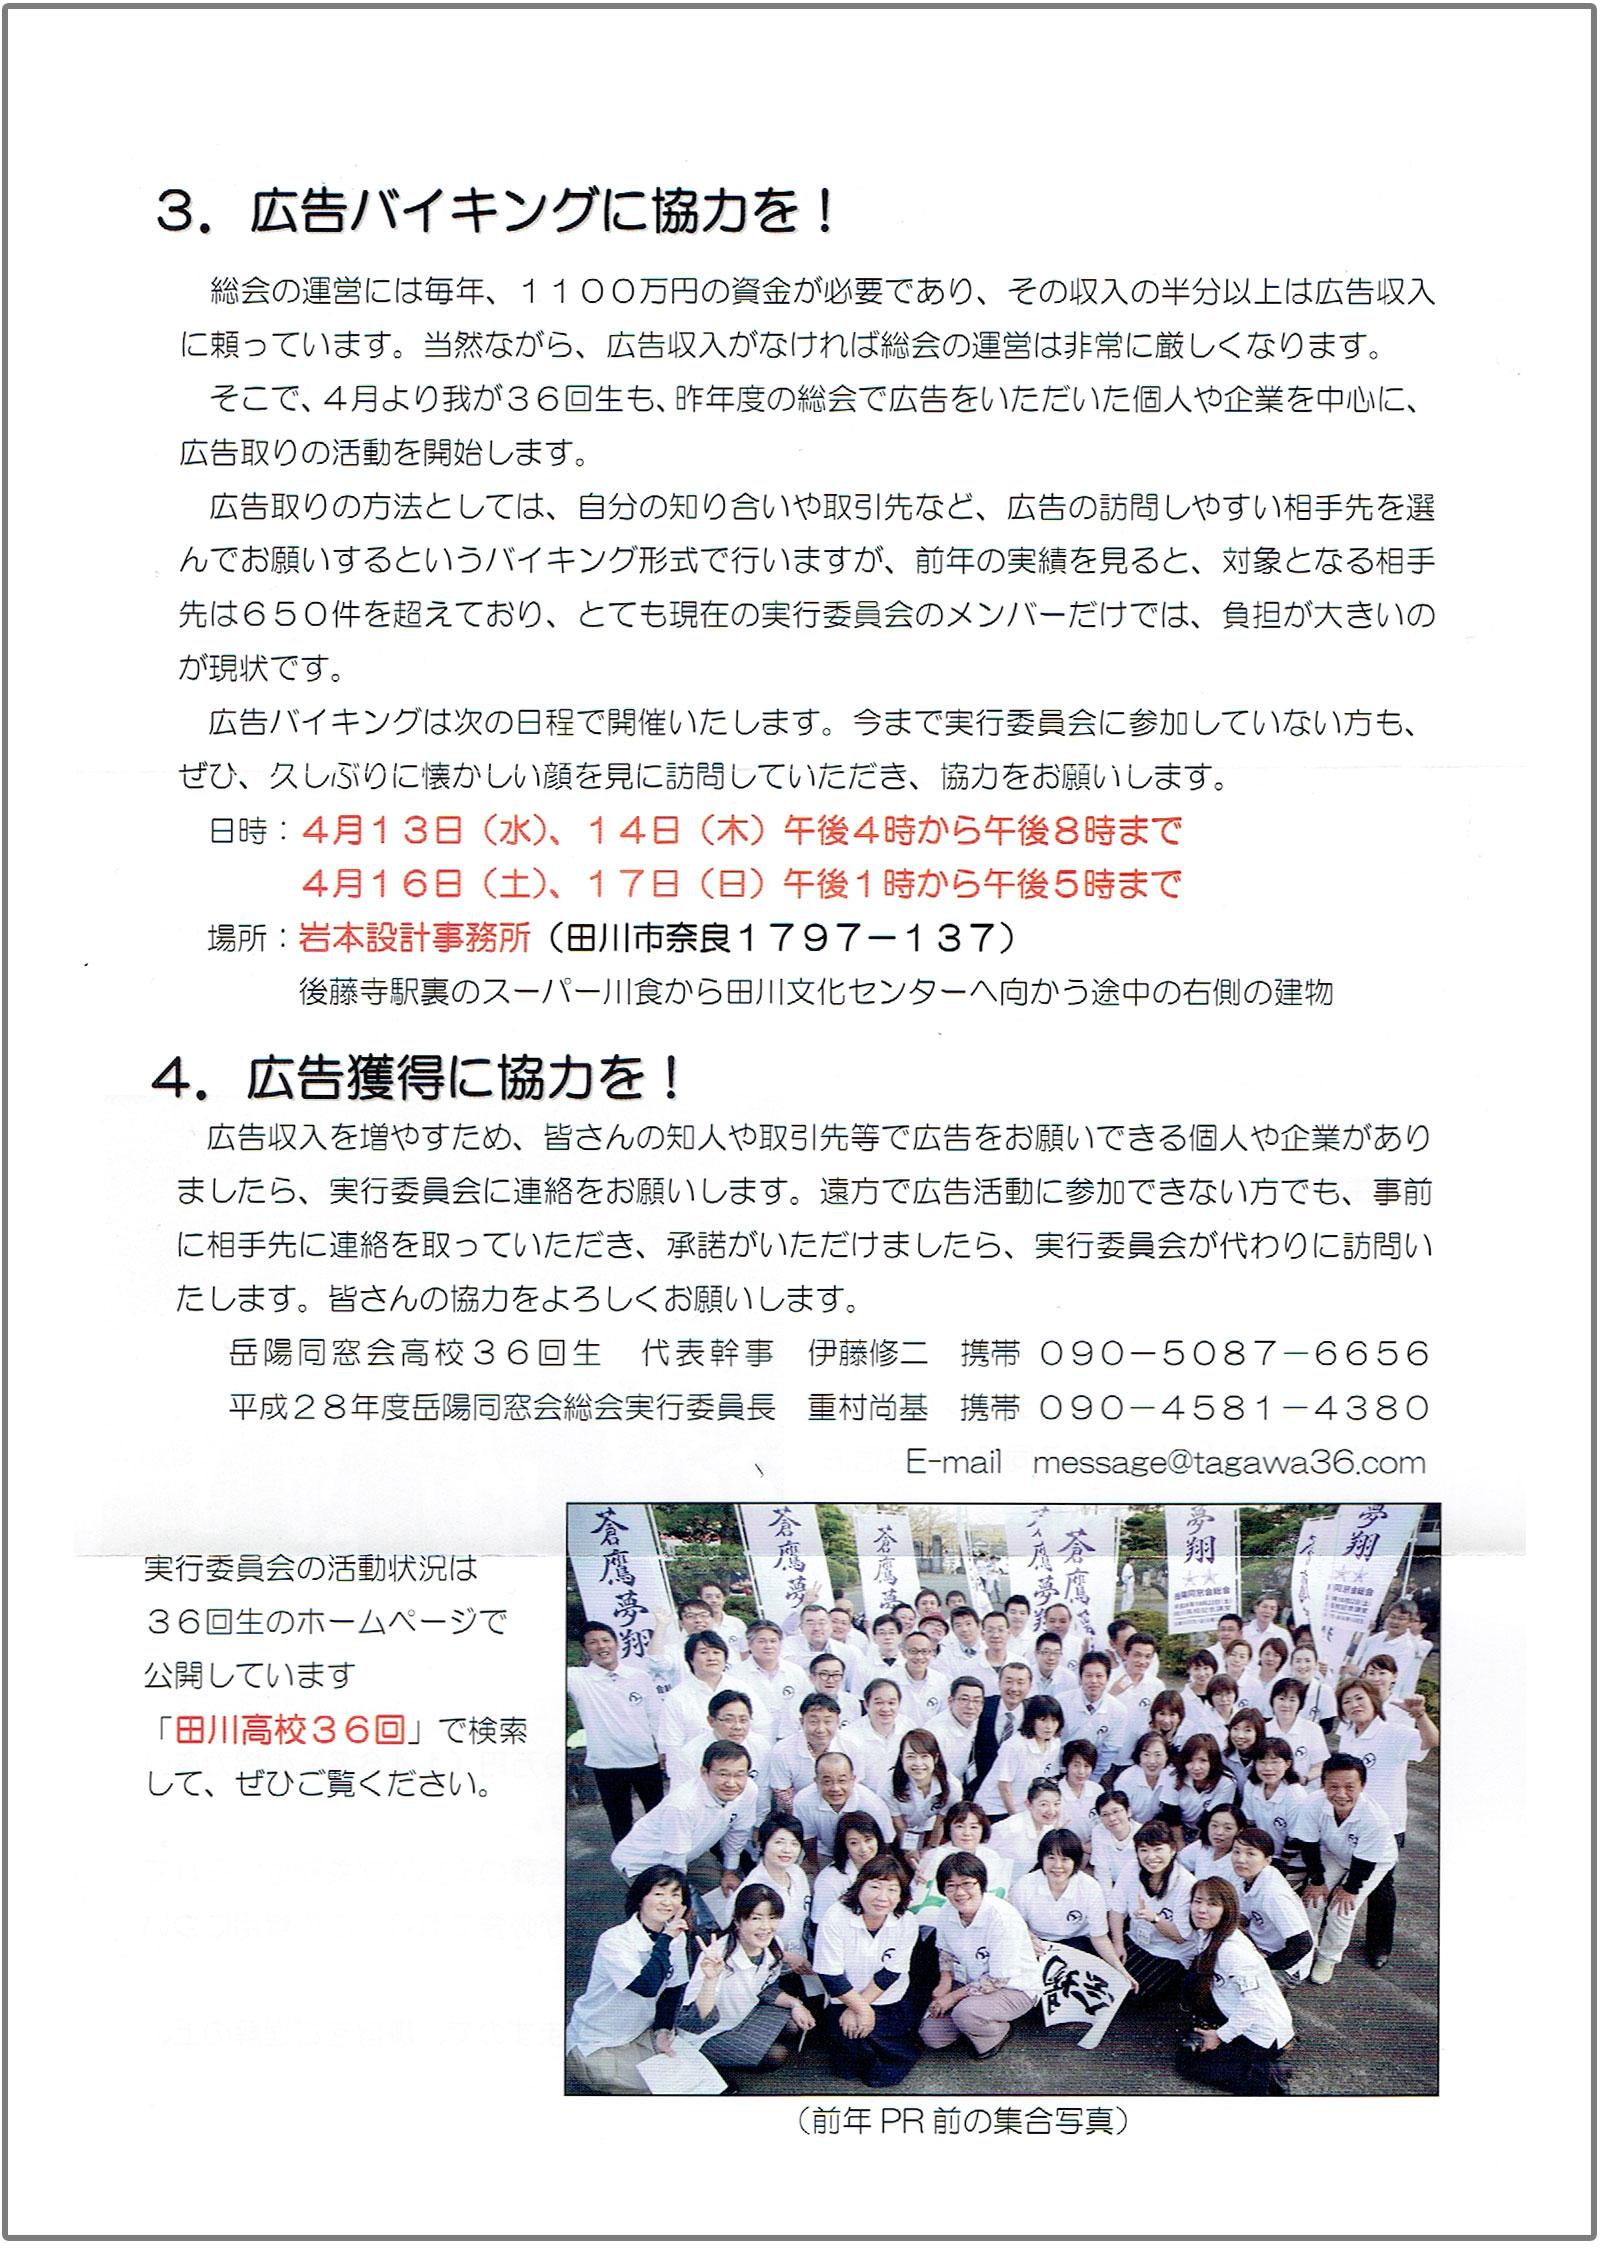 平成28年度岳陽同窓会総会に向けてのお願い2